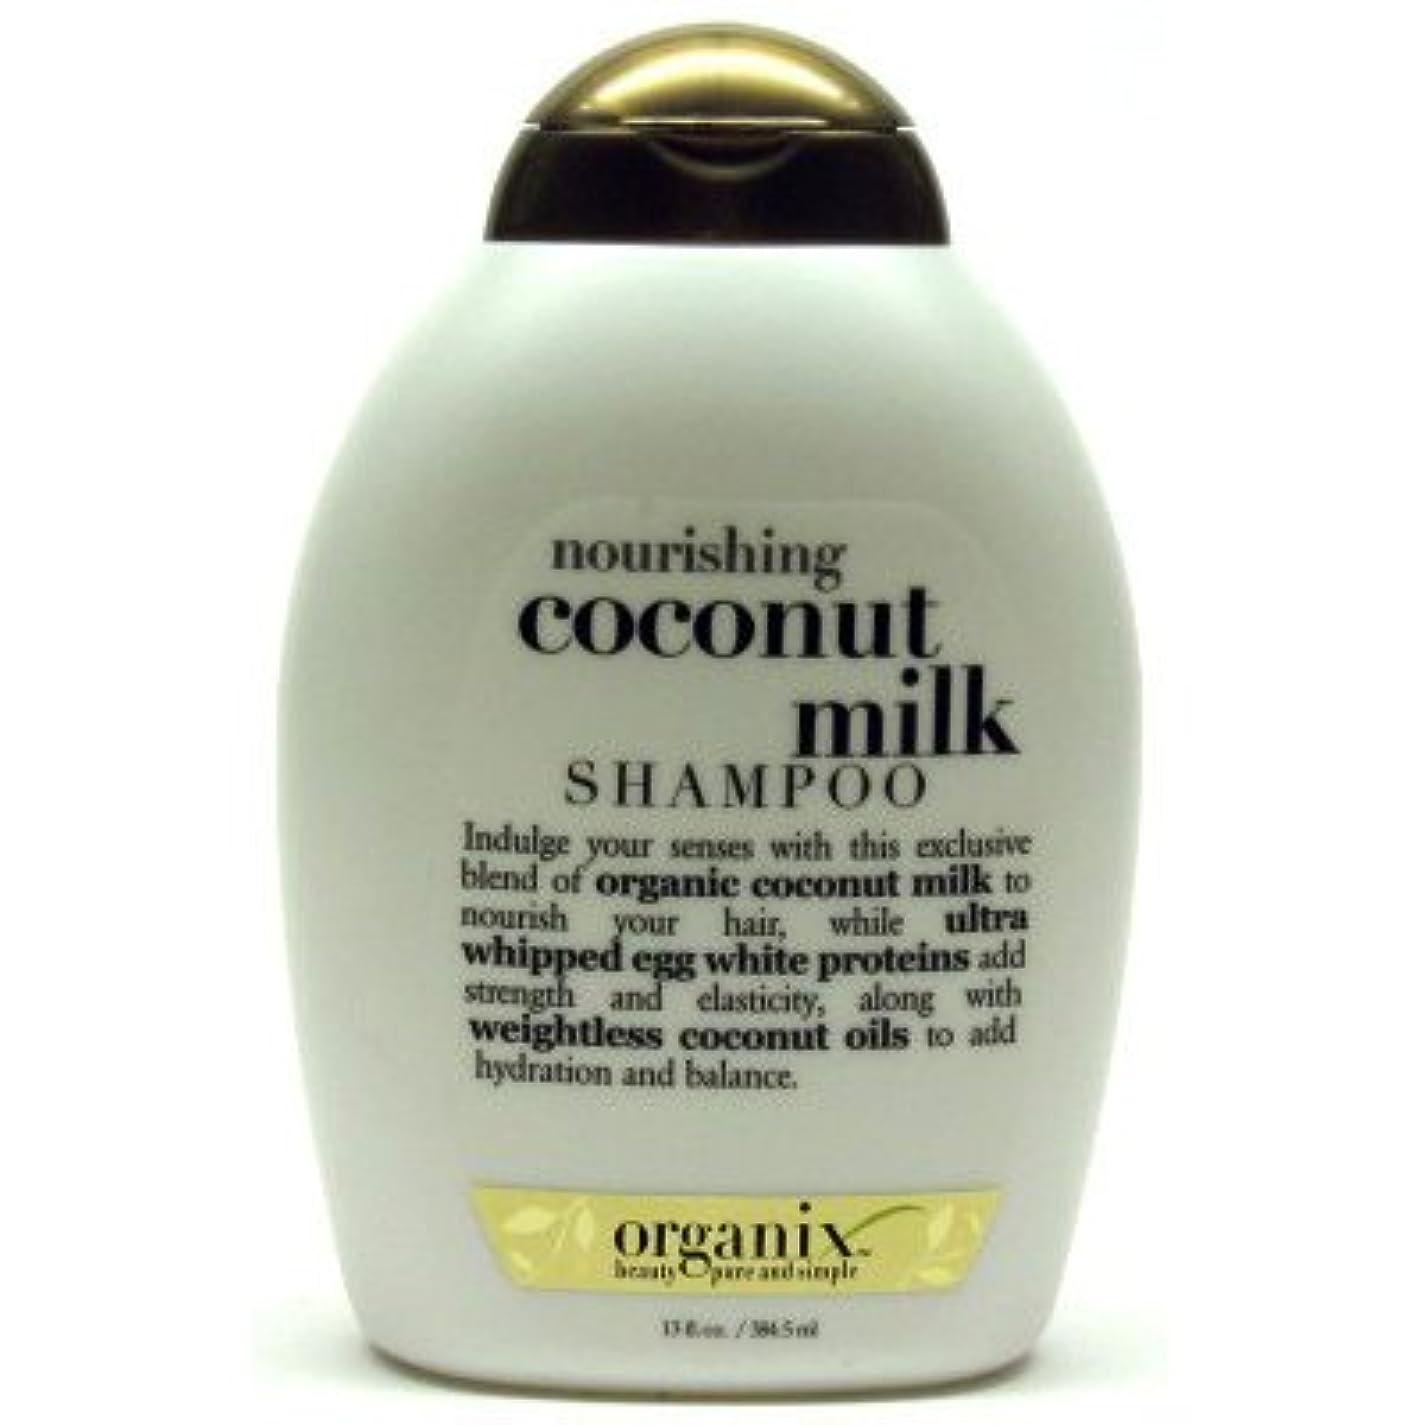 ショッピングセンター蚊パーク髪いきいきココナッツミルクシャンプー 384ml (並行輸入品)